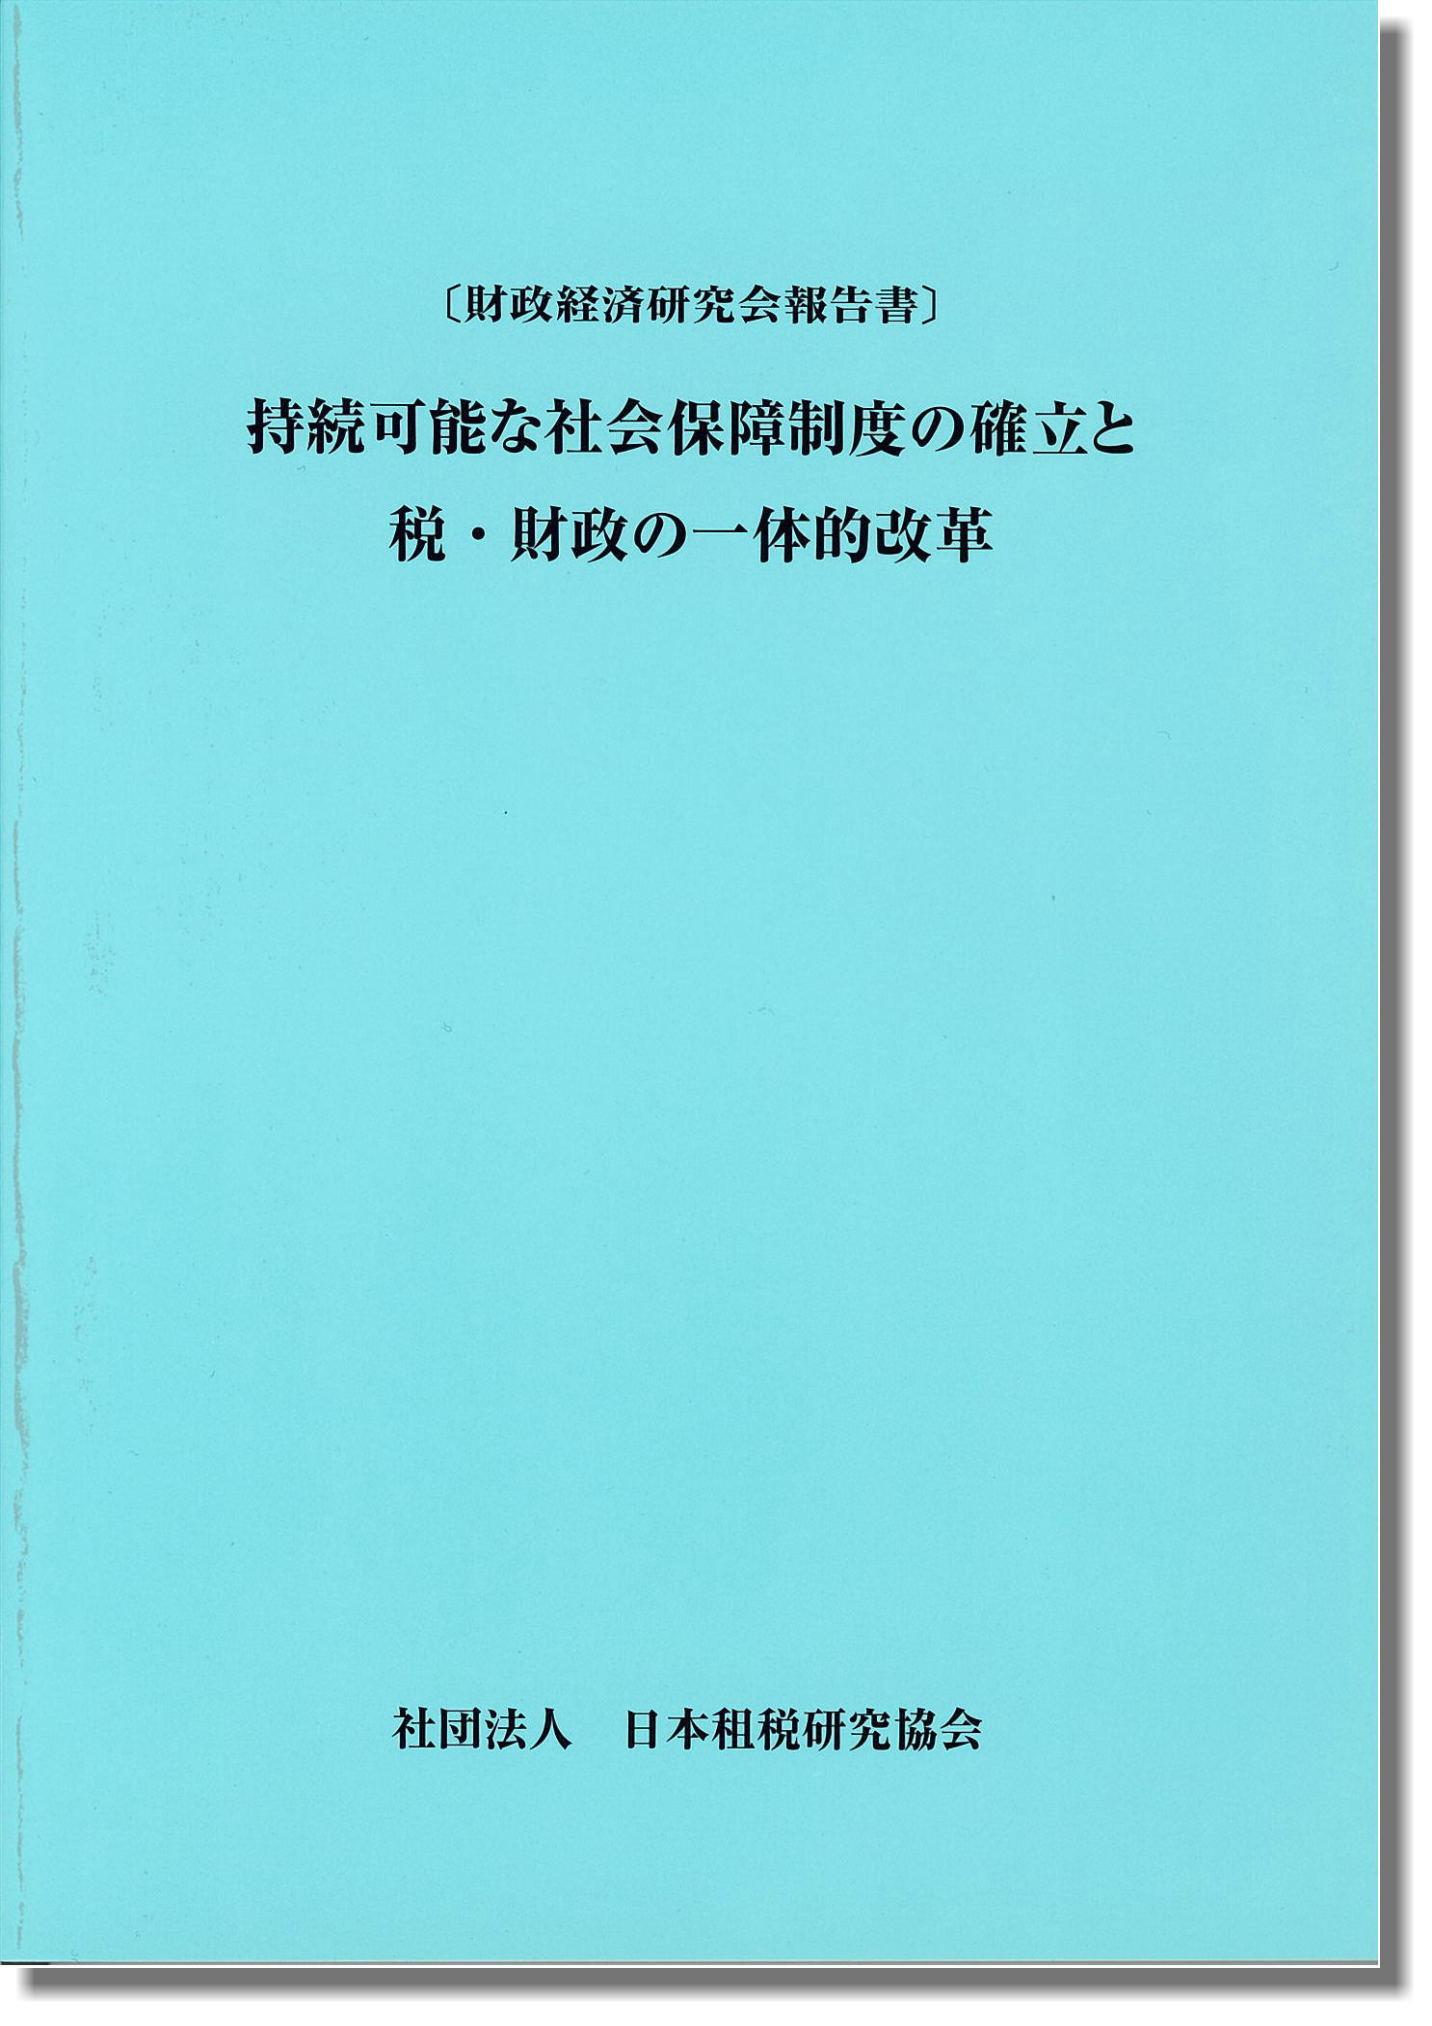 〔財政経済研究会報告書〕 持続可能な社会保障制度の確立と税・財政の一体的改革